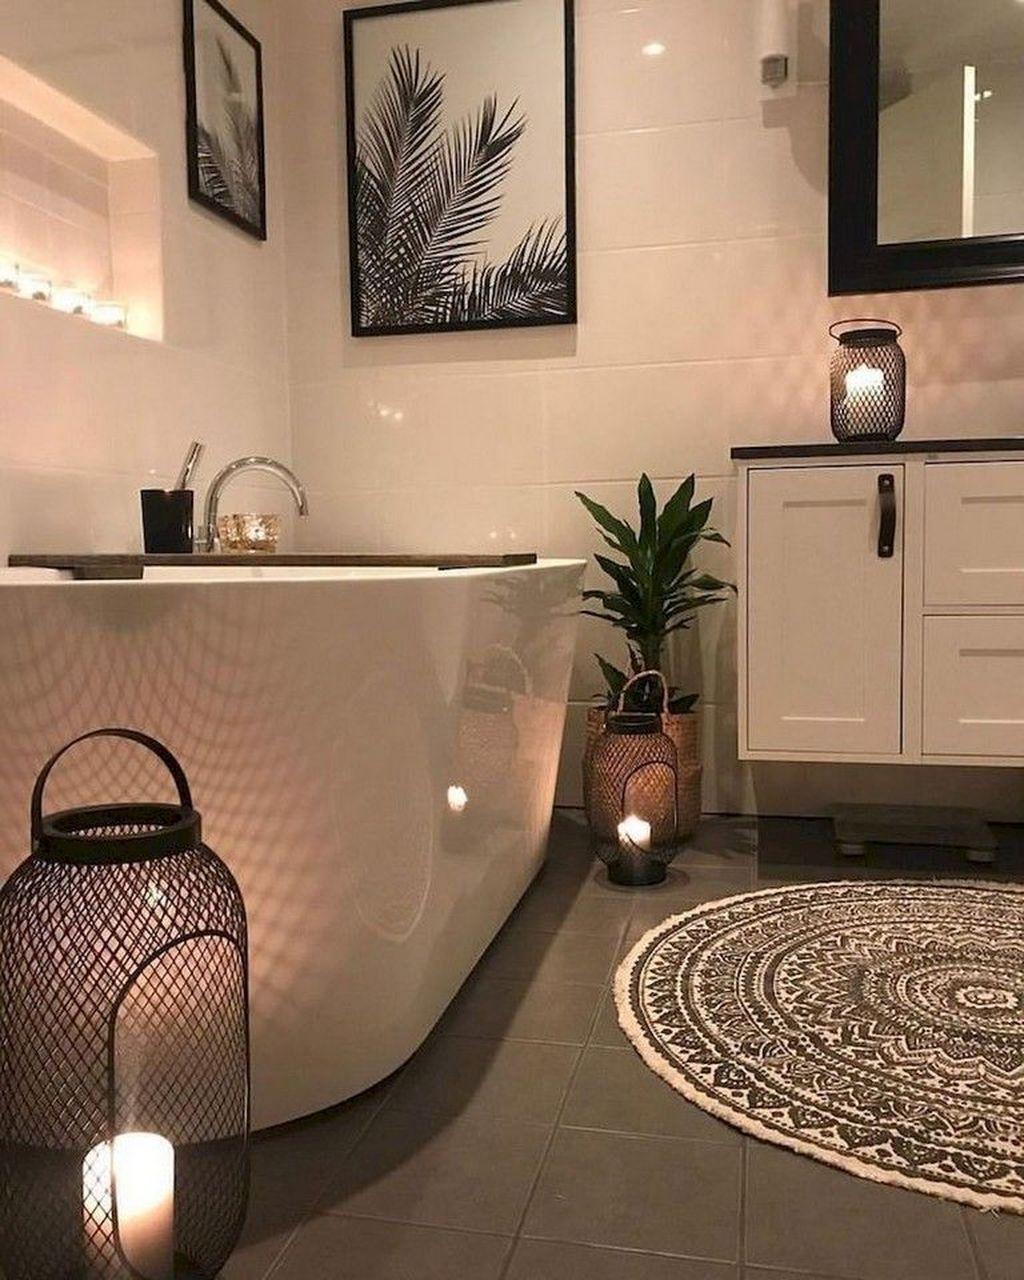 38 Magnificient Small Bathroom Decor Ideas Small Luxury Bathrooms Small Bathroom Decor Bathroom Decor